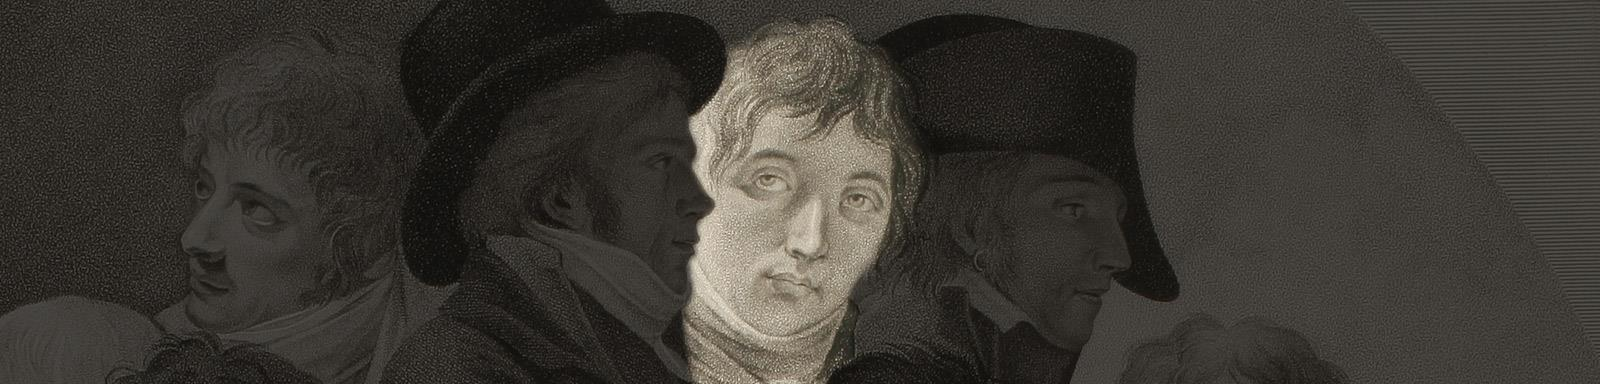 Boilly, Louis Léopold